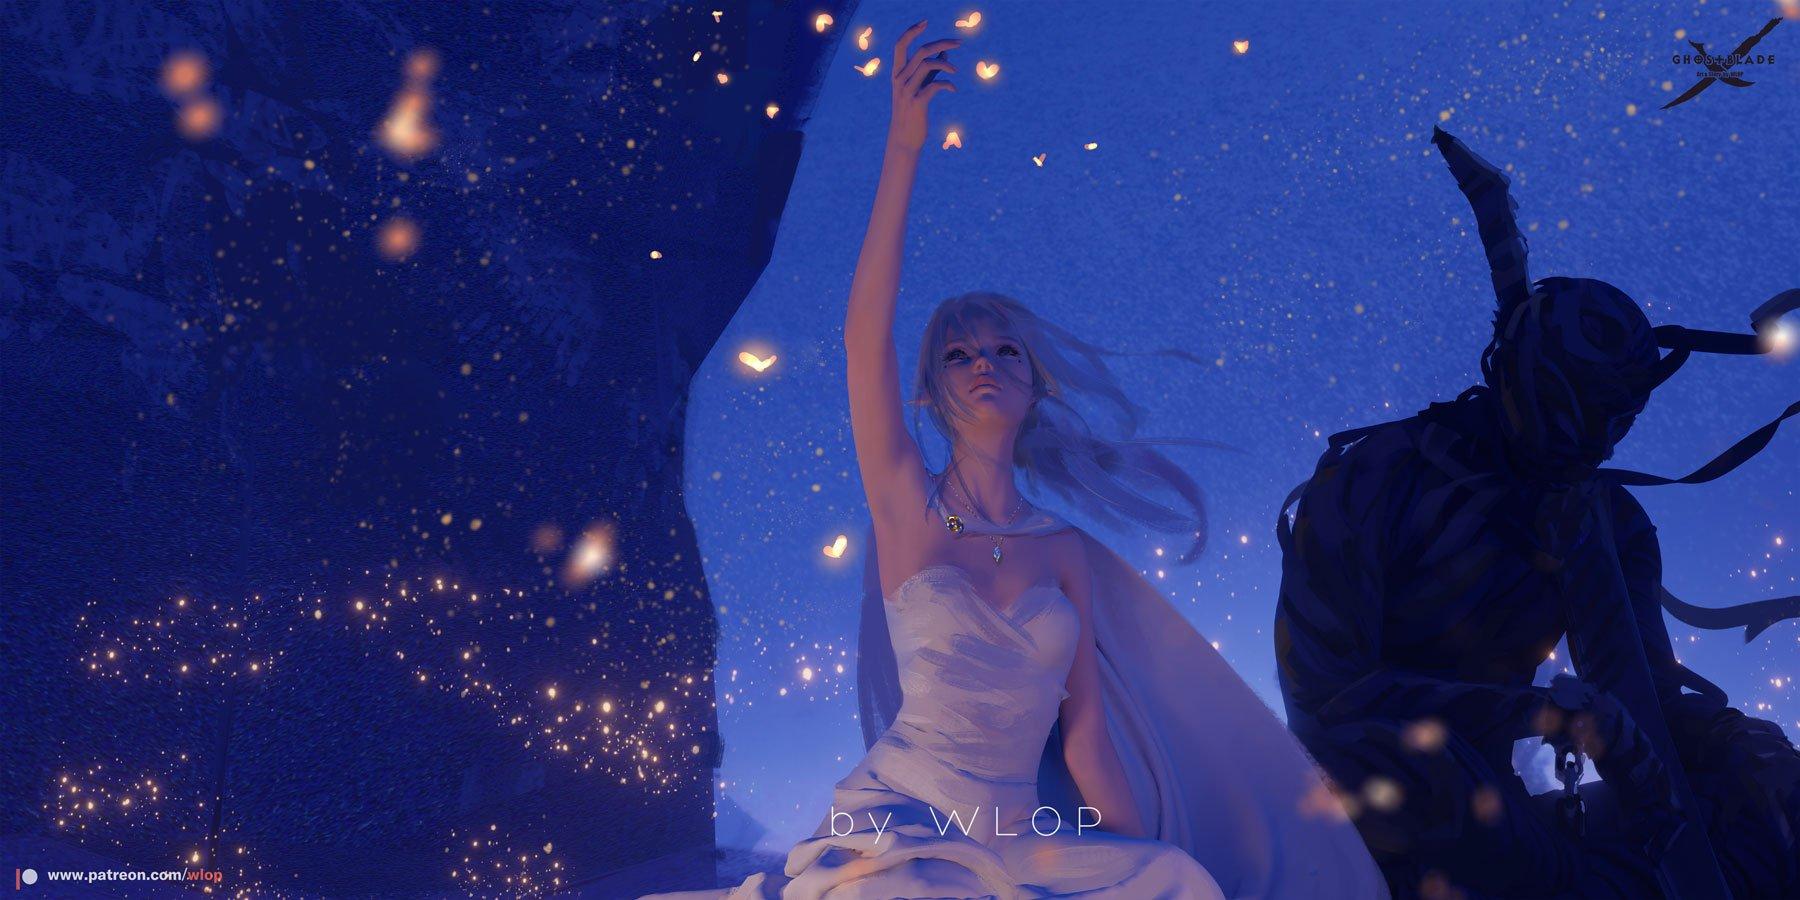 Фото Девушка - эльфийка в белом платье подняла руку к светящимся мотылькам, рядом сидит мужчина-воин, by WLOP